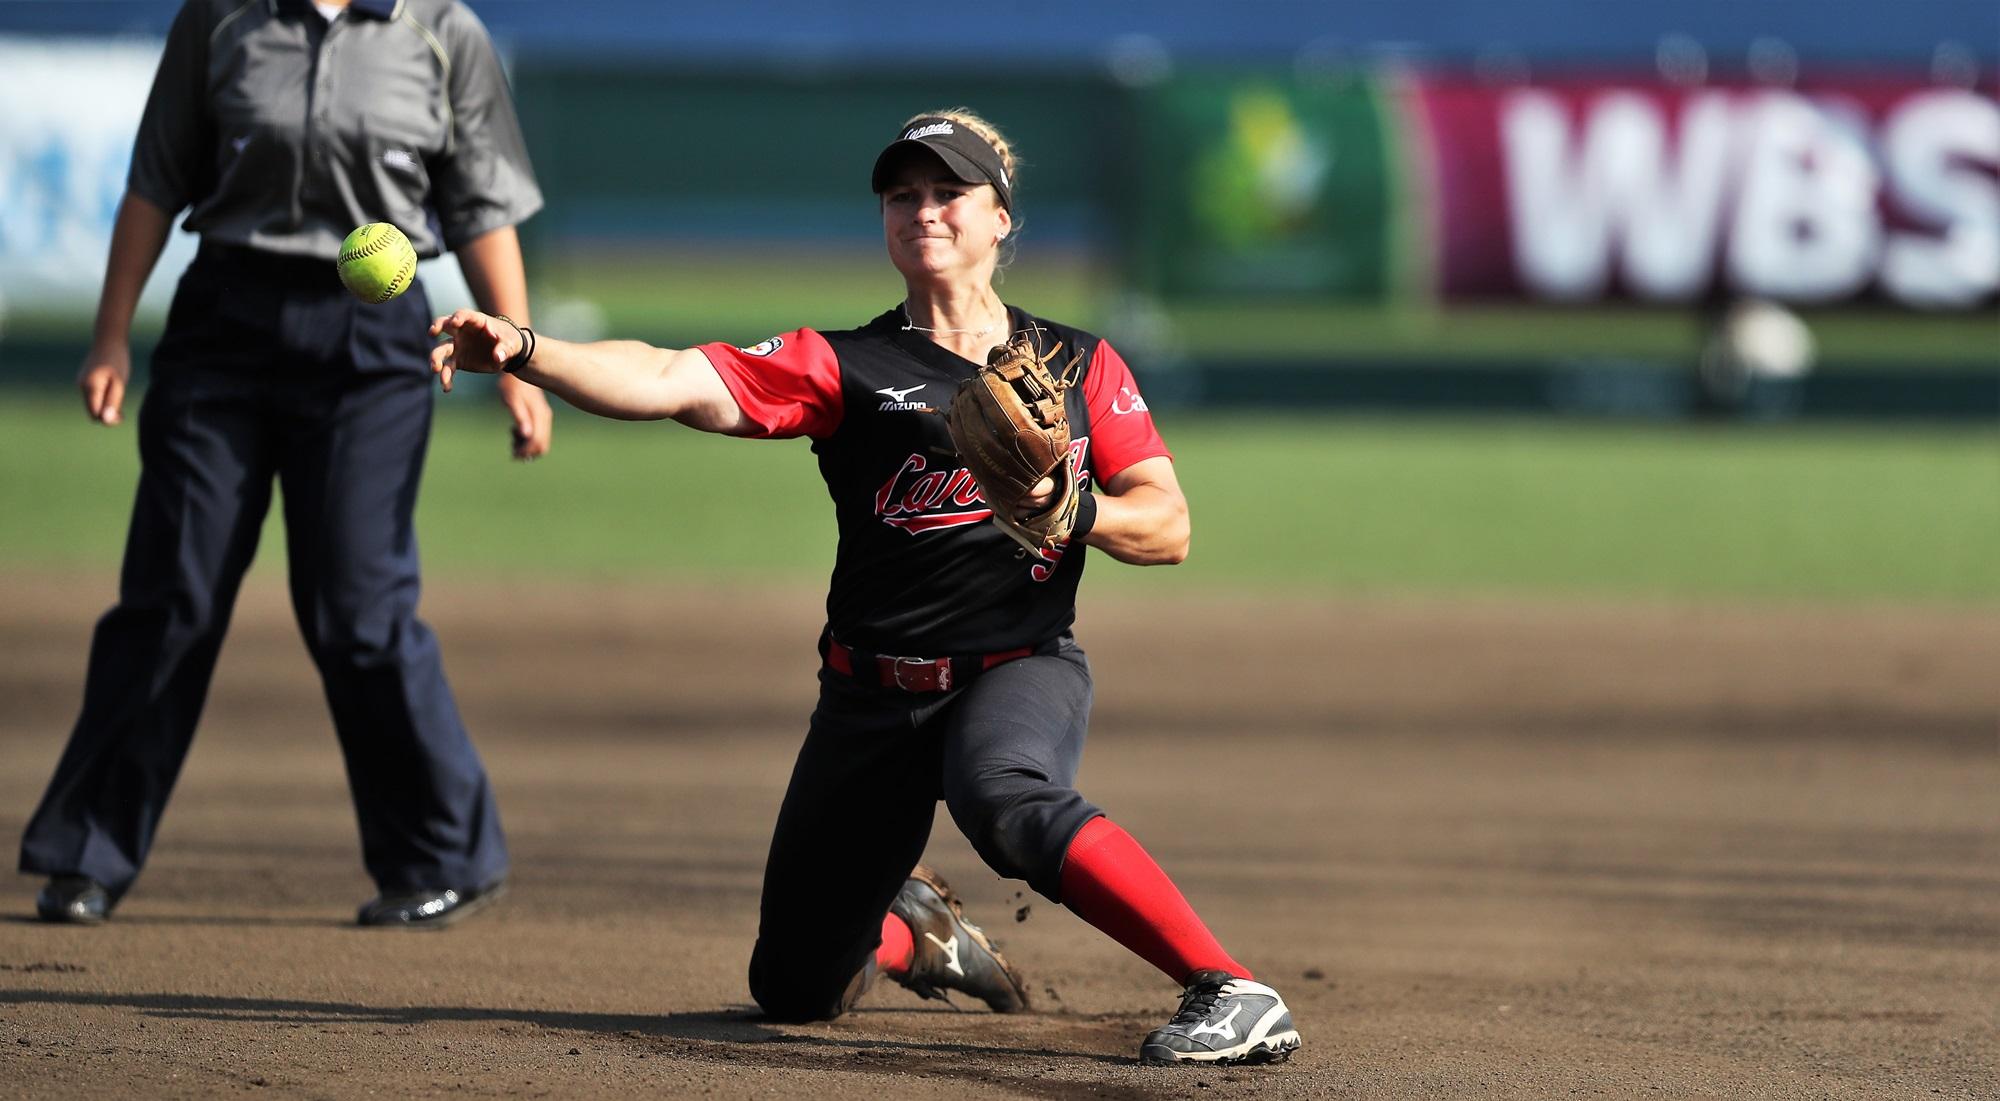 Joann Lye fielding